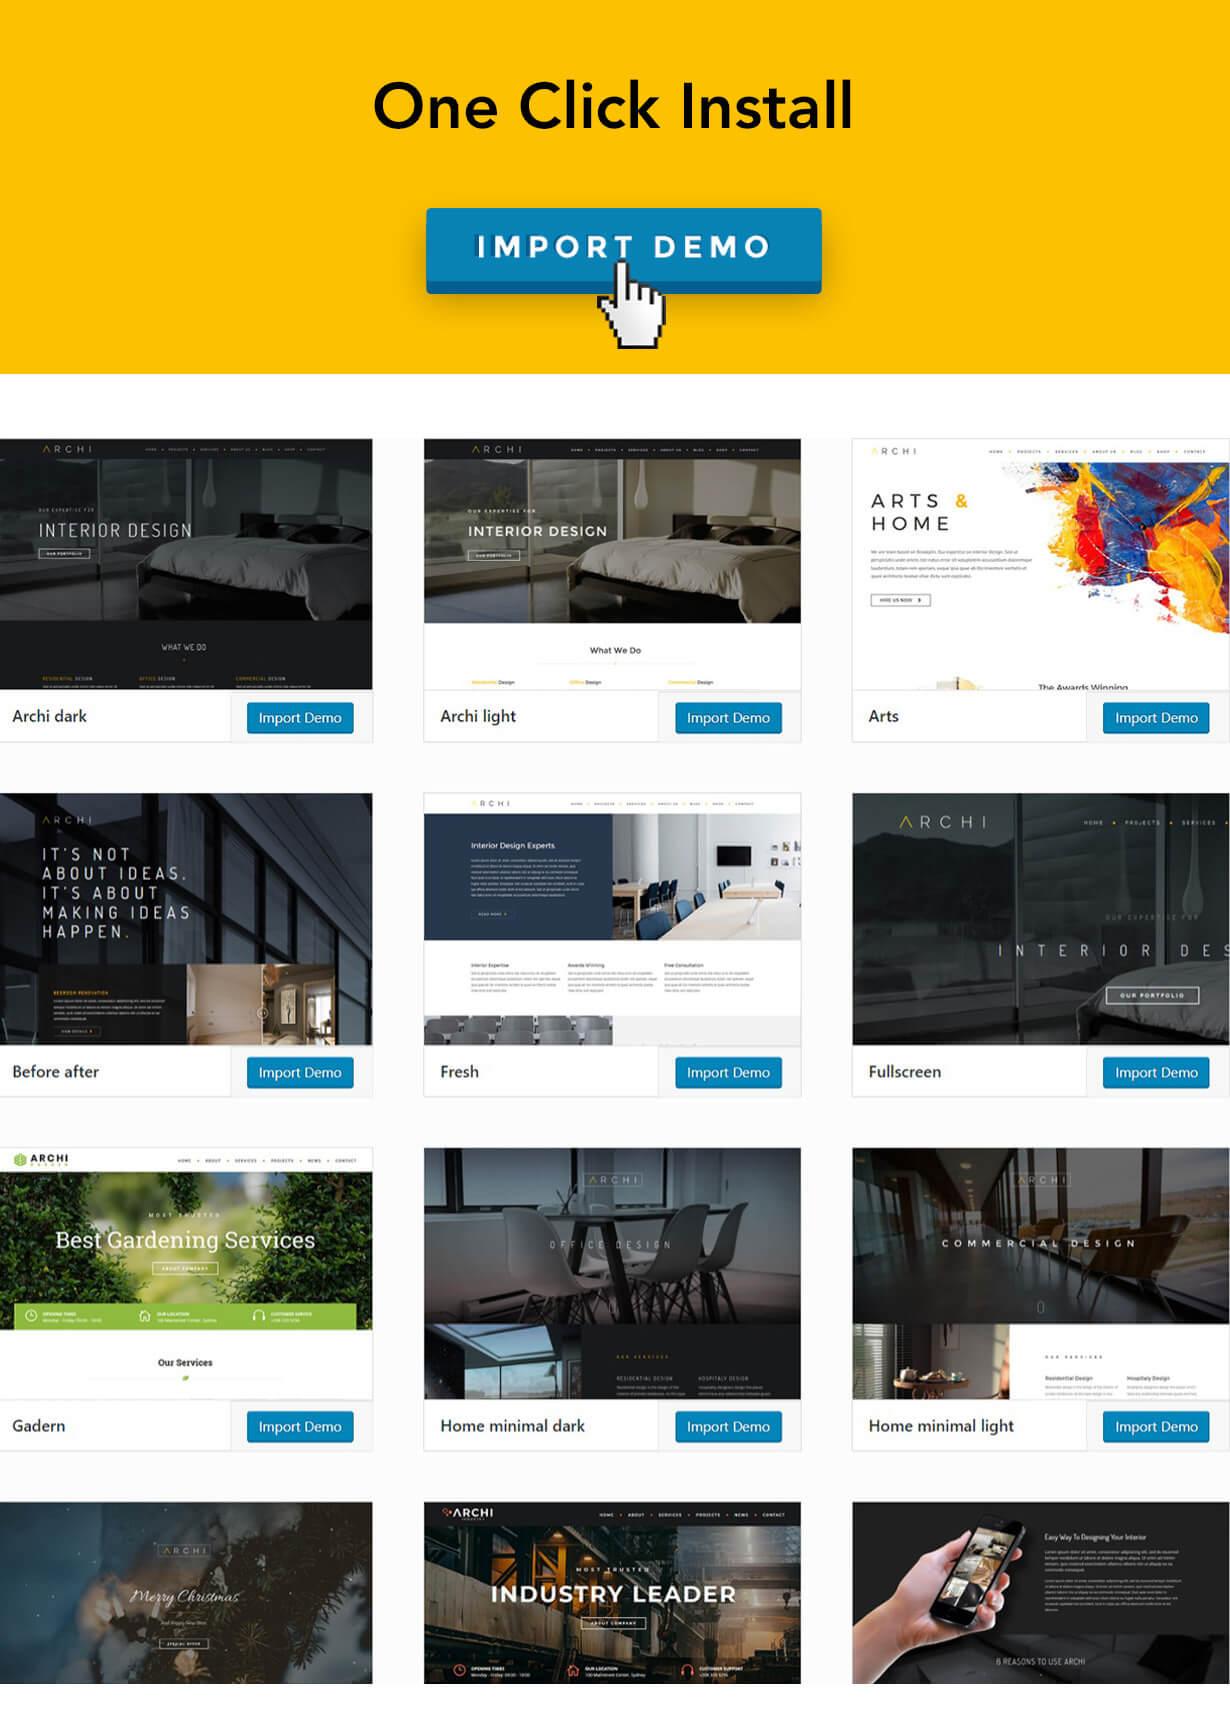 archi one click install - Archi - Interior Design WordPress Theme